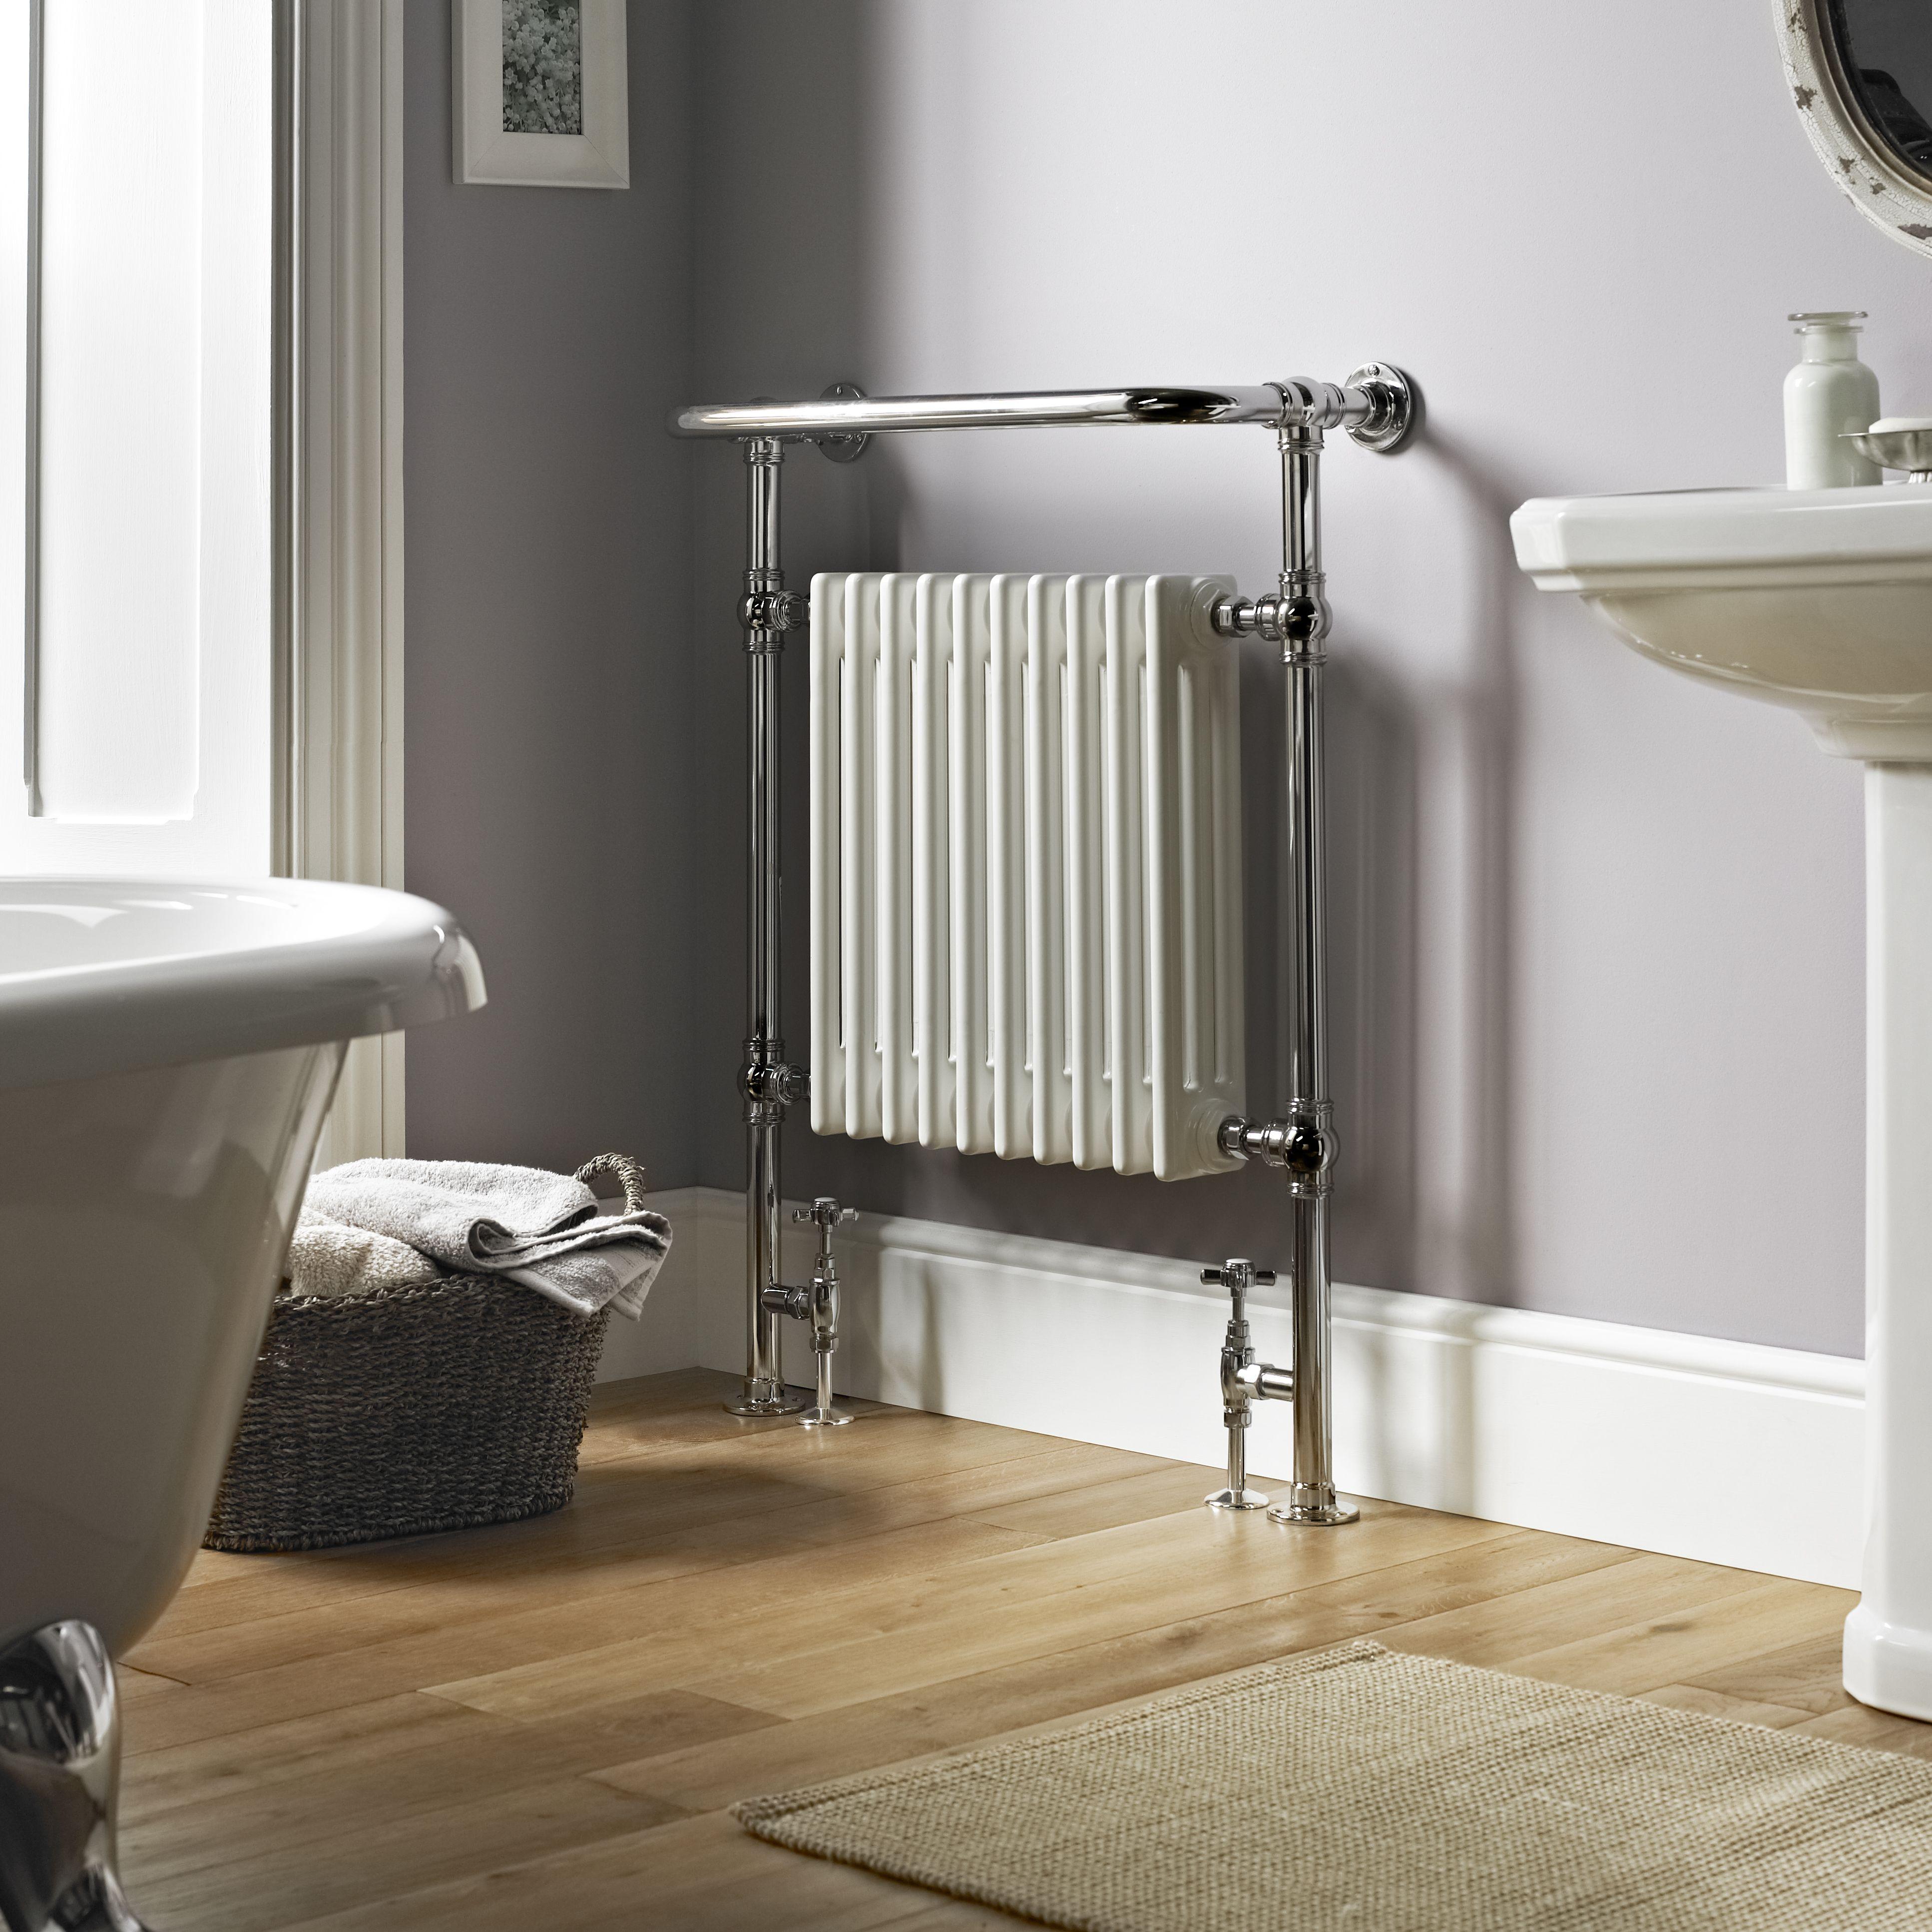 Bathroom radiators towel rails it is represent classic rectangular - Originals 006 Design Radiator In Ua